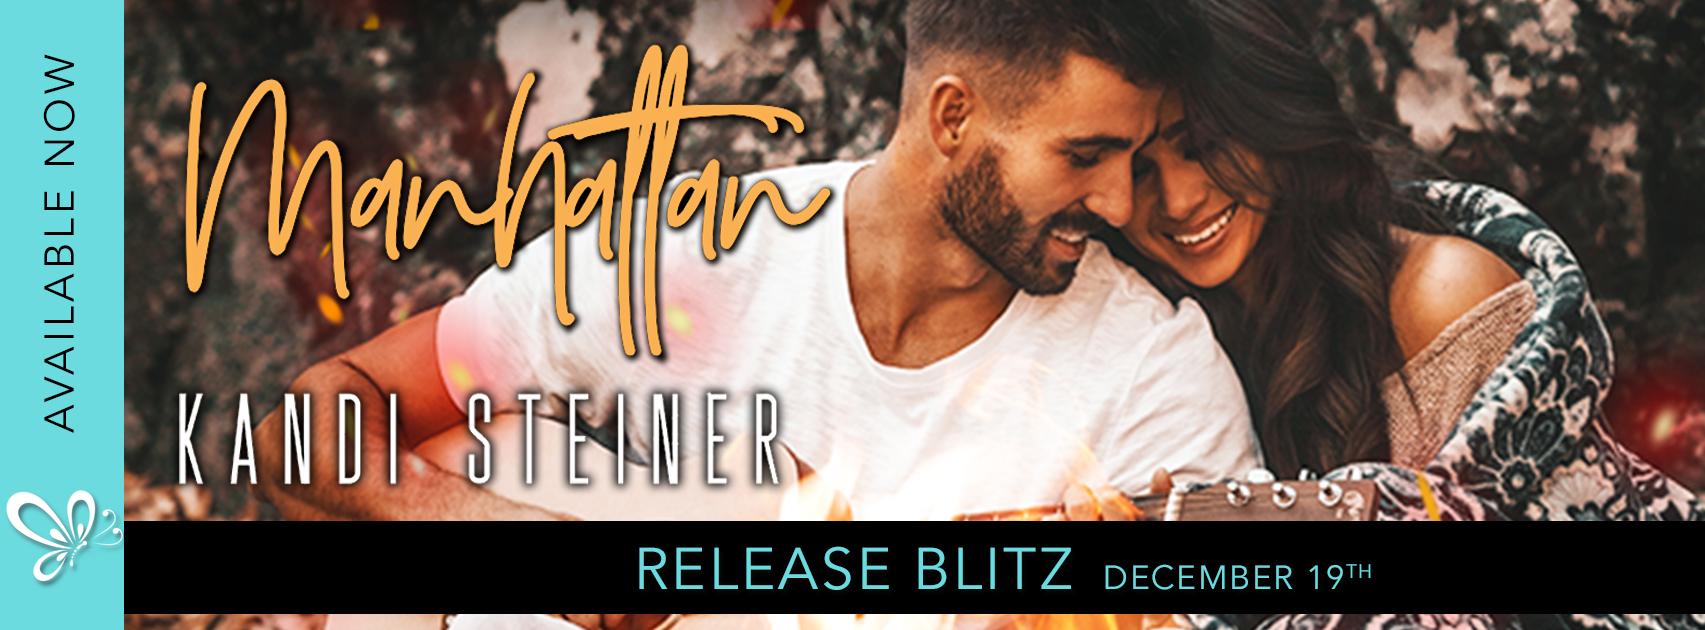 Social Butterfly PR Release Blitz: Manhattan by Kandi Steiner